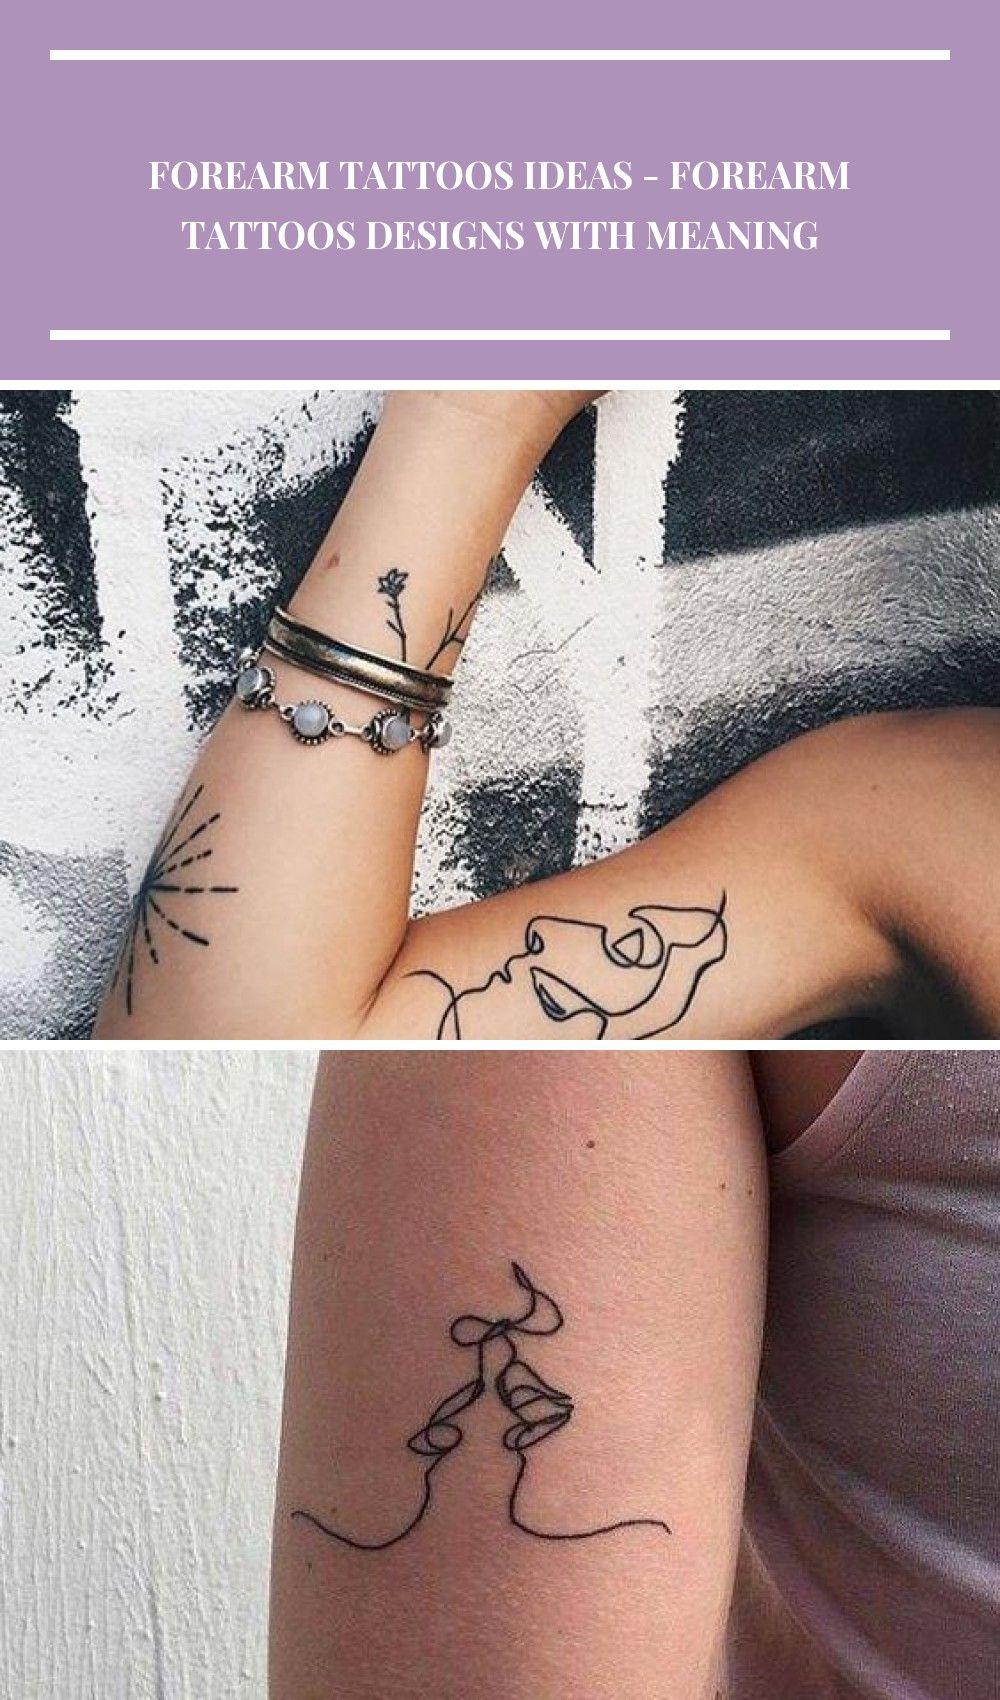 Simple Forearm Tattoo Ideas ♡♡♡♡♡♡ #tattooo #forearmtattoo